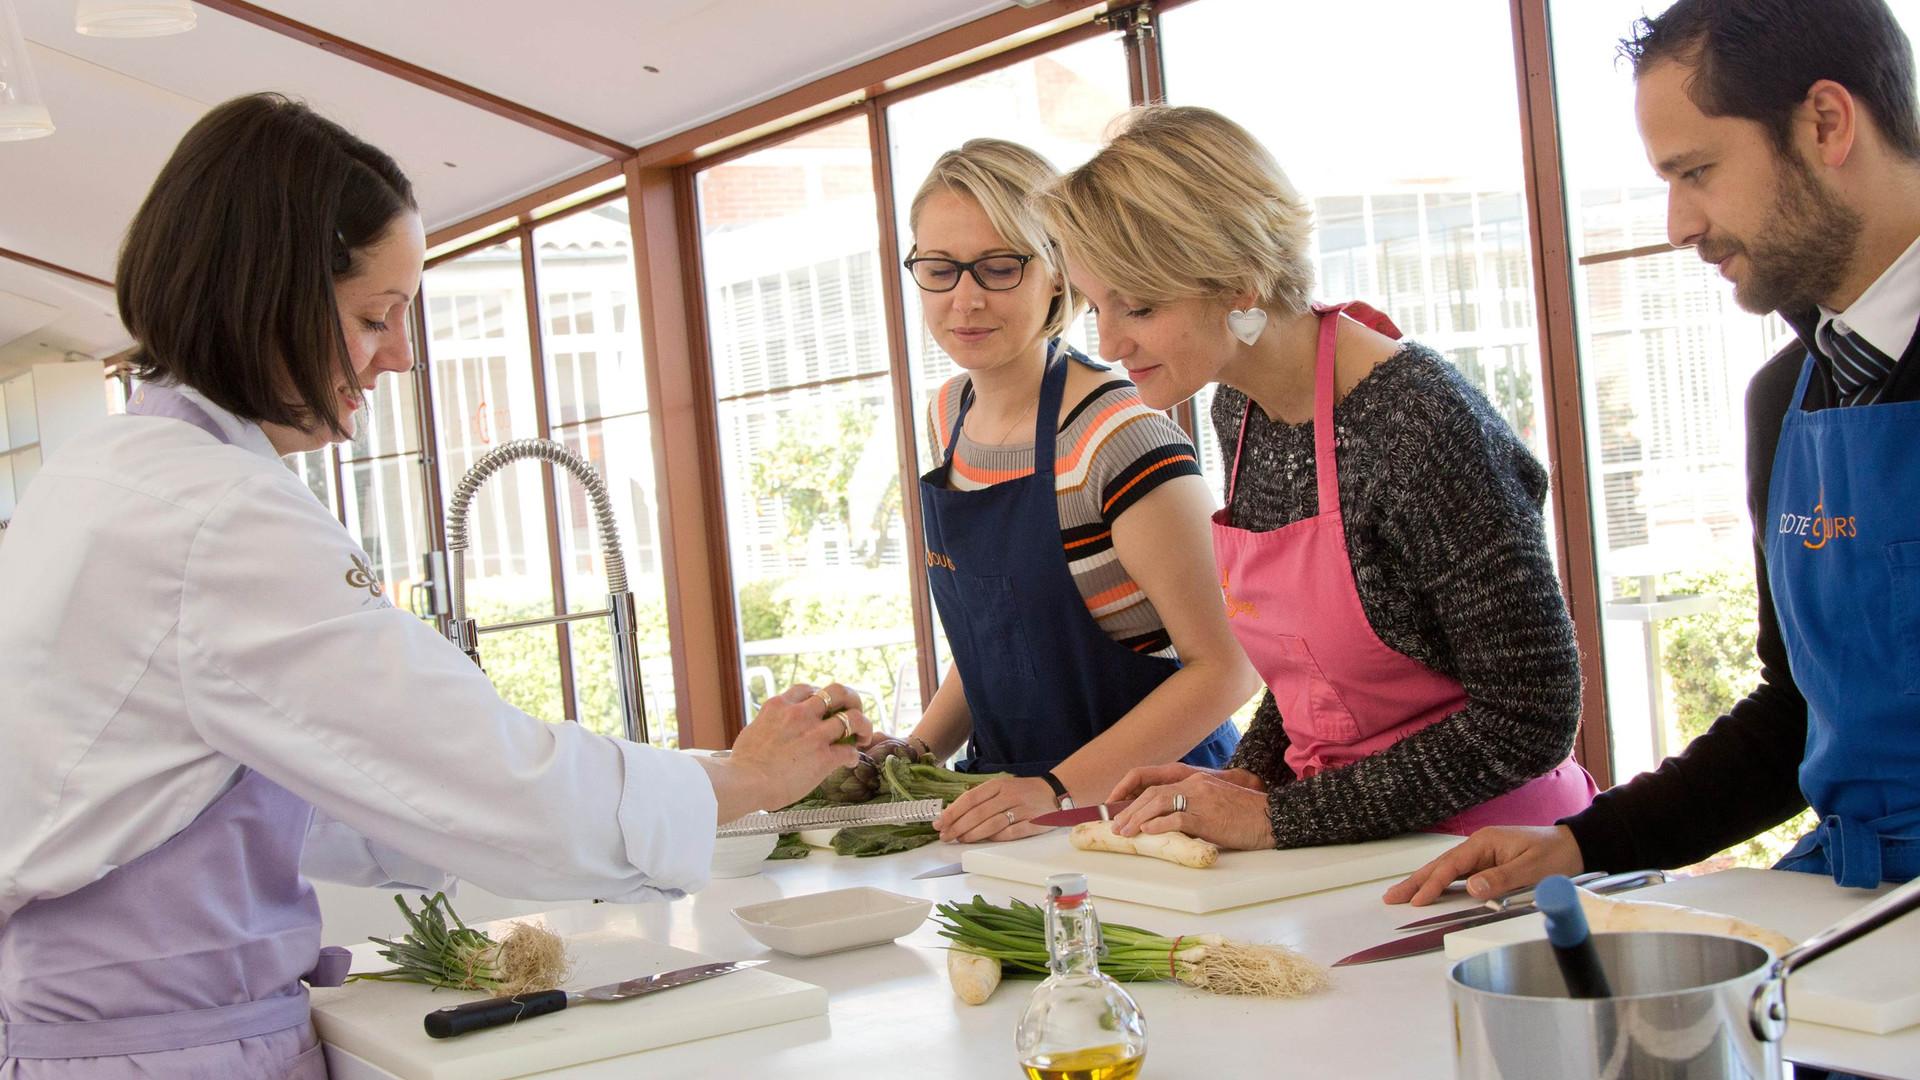 Cours de cuisine zodio 28 images atelier cuisine th - Cours de cuisine enfant lille ...